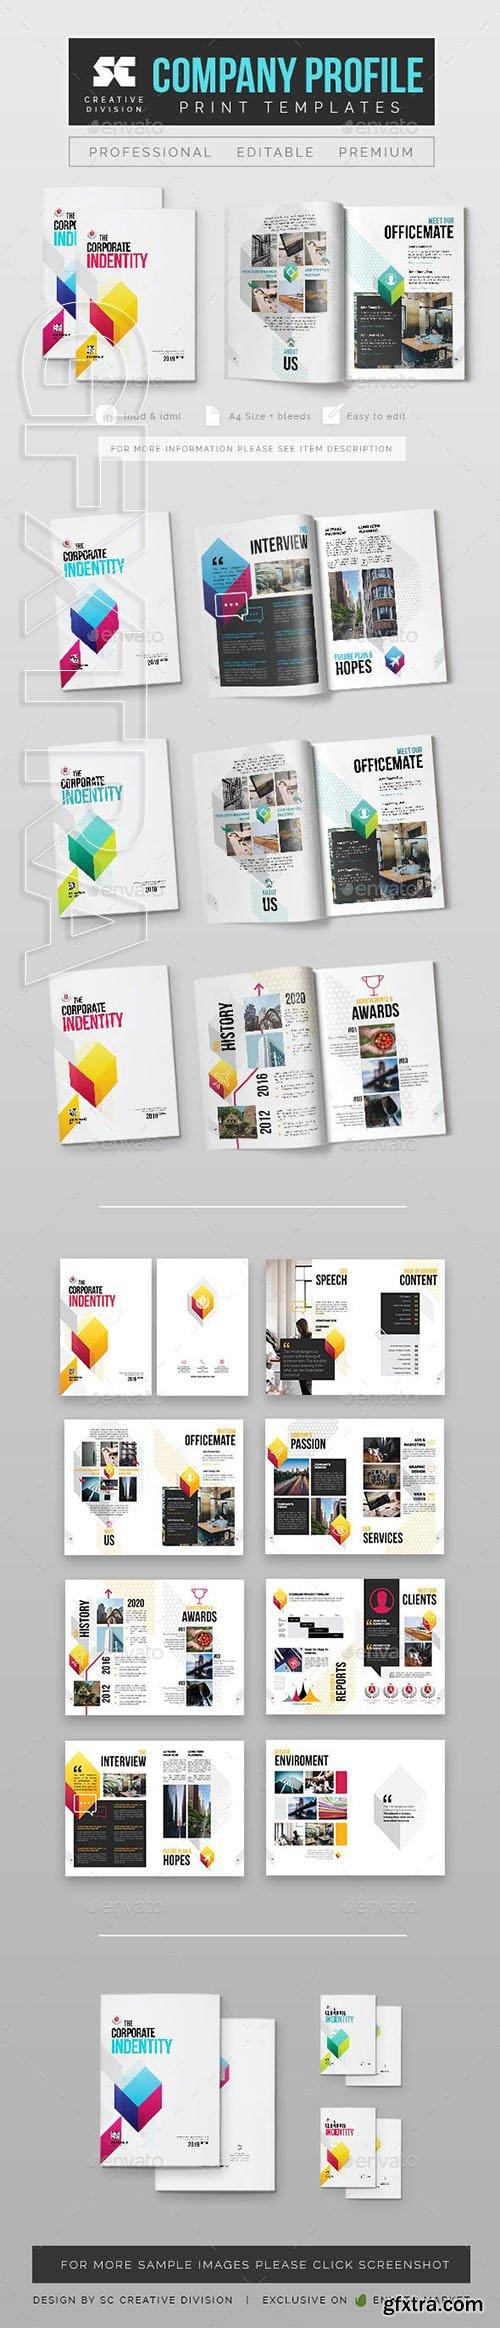 GraphicRiver - Company Profile 23119026